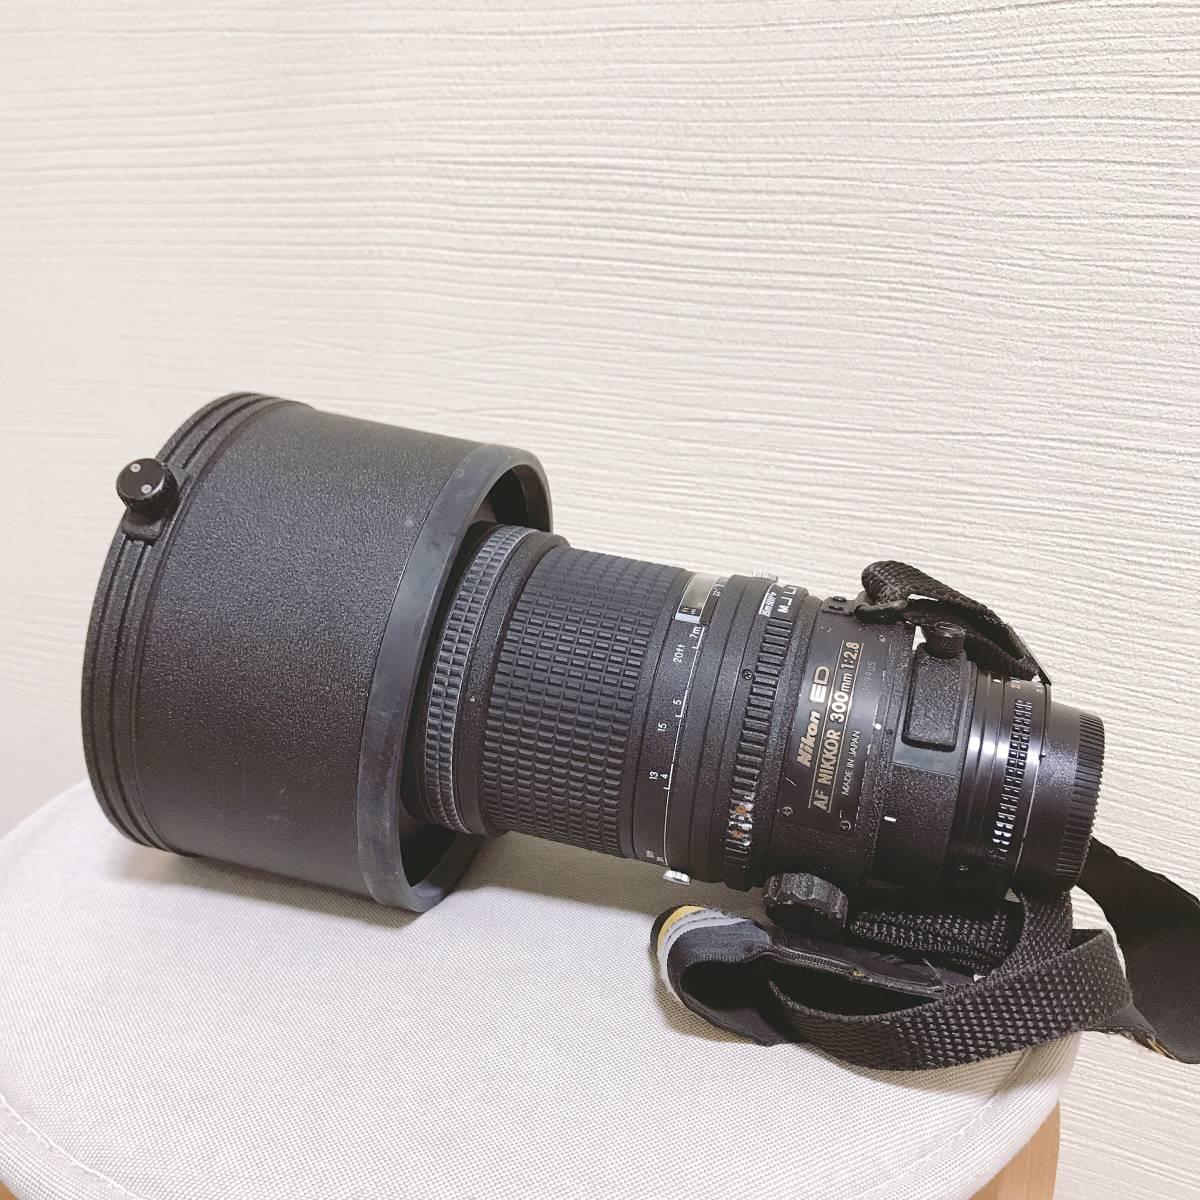 Nikon ED AF NIKKOR 300mm 1:2.8